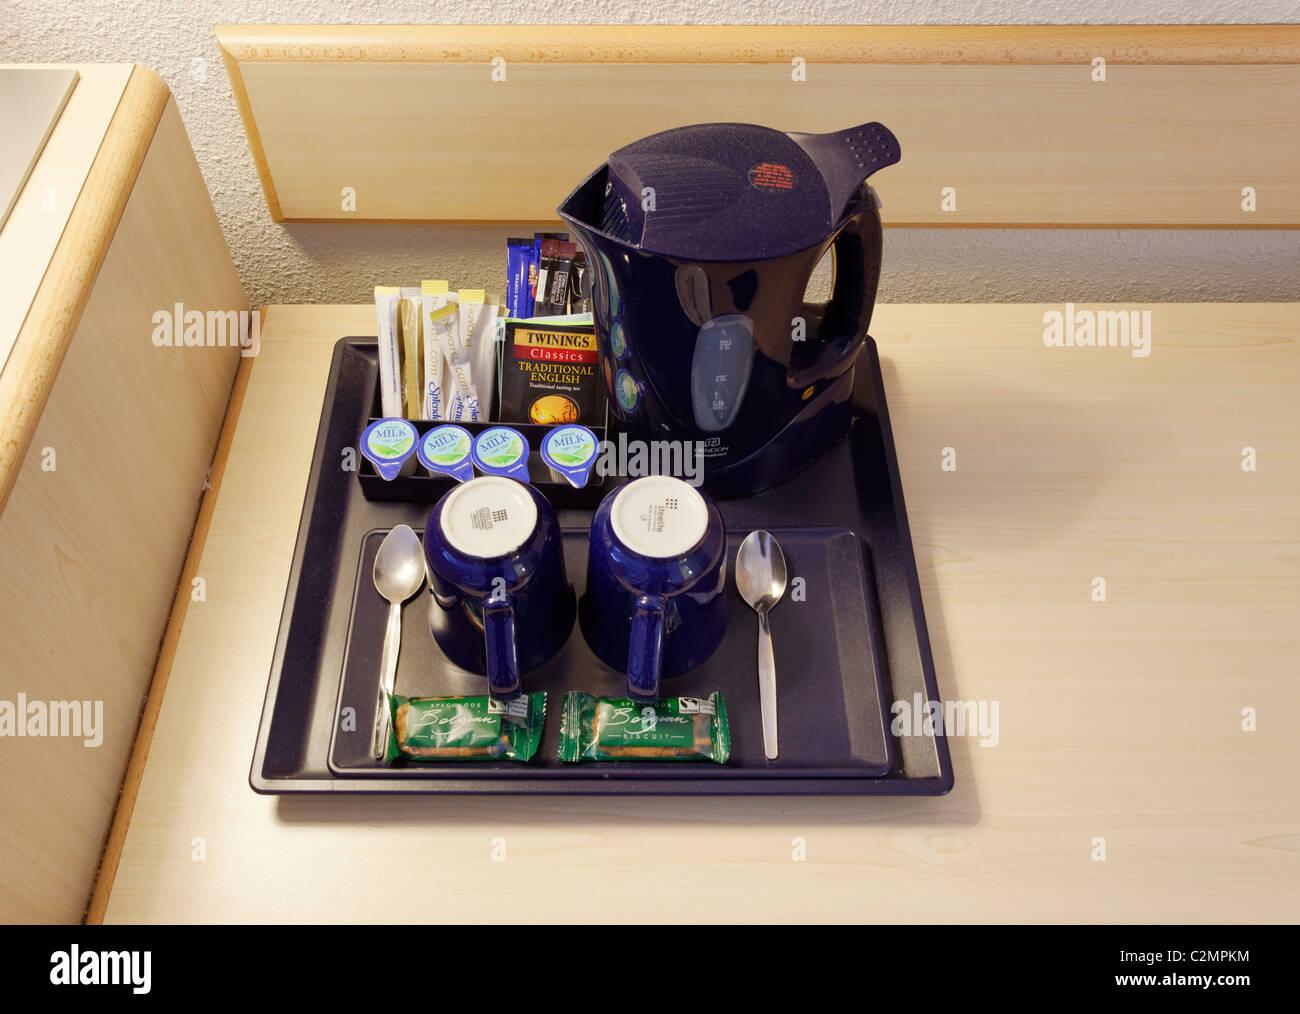 Vassoio con té e caffè in una camera di hotel, REGNO UNITO Immagini Stock